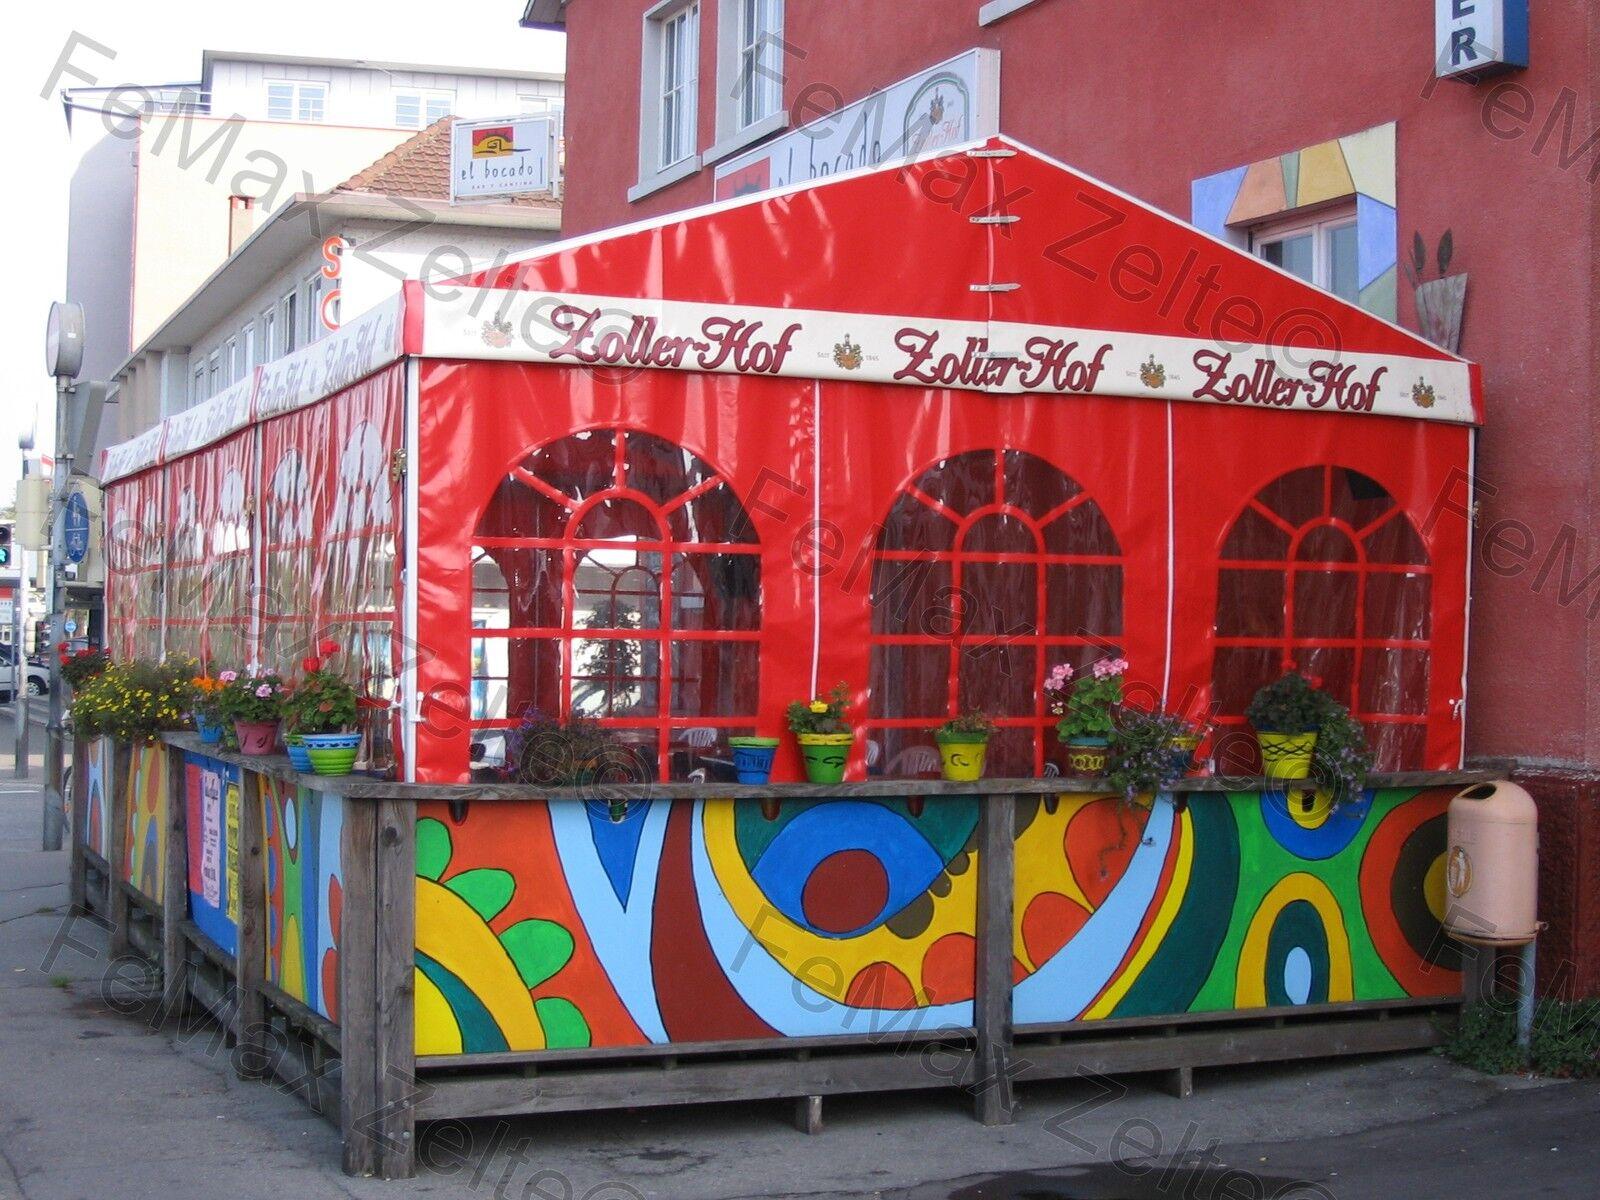 Festzelt Partyzelt Bewirtungszelt Gastrozelt Profizelt Profizelt Profizelt 5x6m  2x Panoramafenster   Auktion    Das hochwertigste Material    Geeignet für Farbe  d37c59